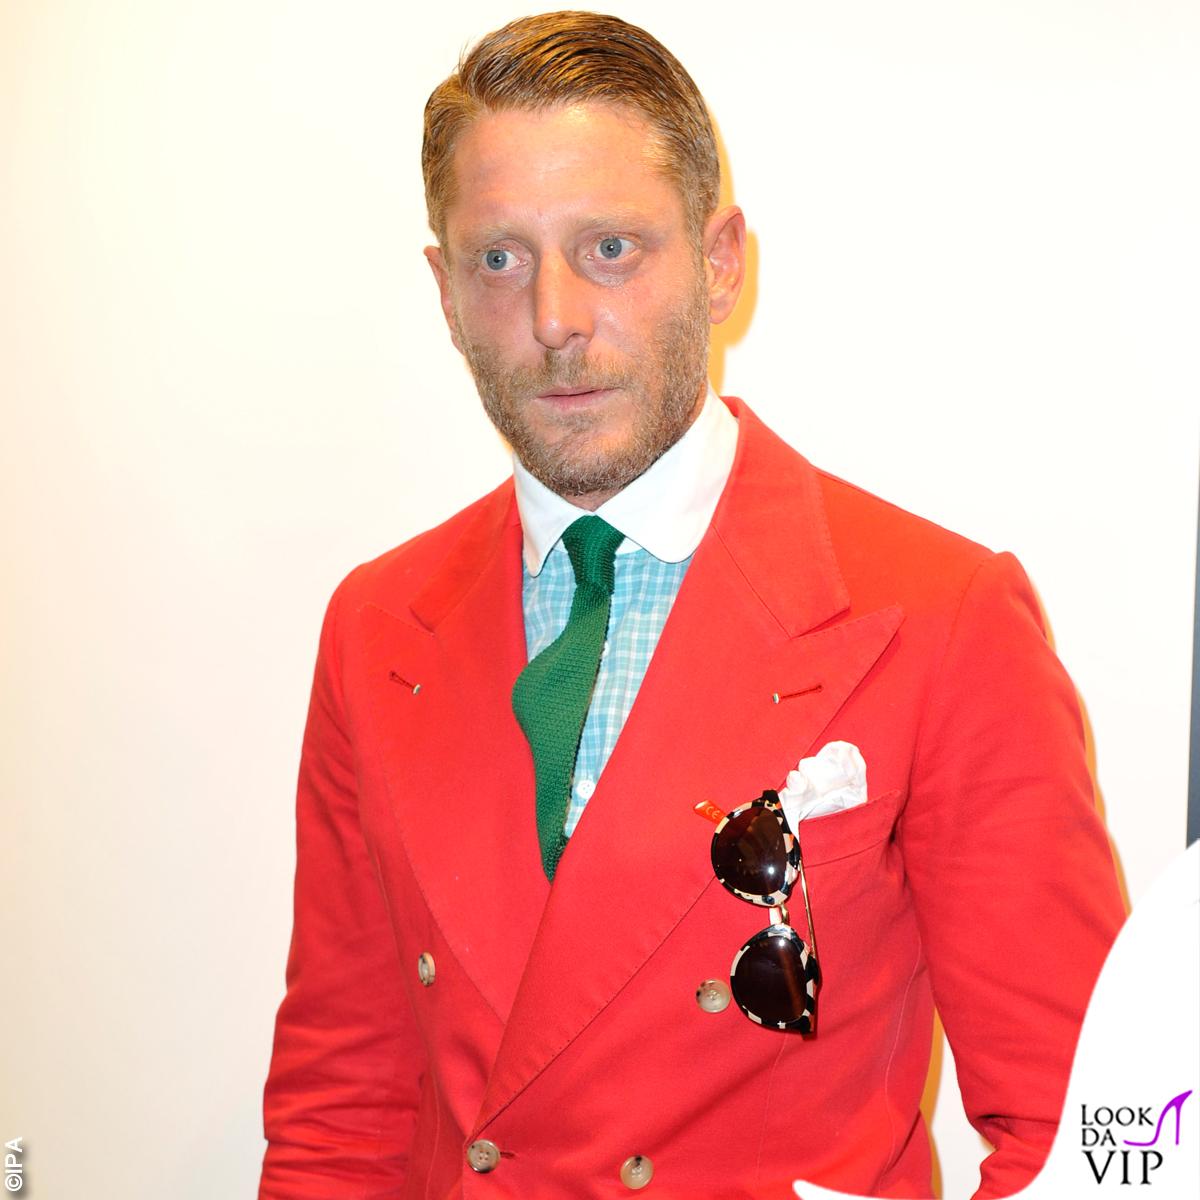 Lapo Elkann mette in vendita il guardaroba estroso Look da Vip